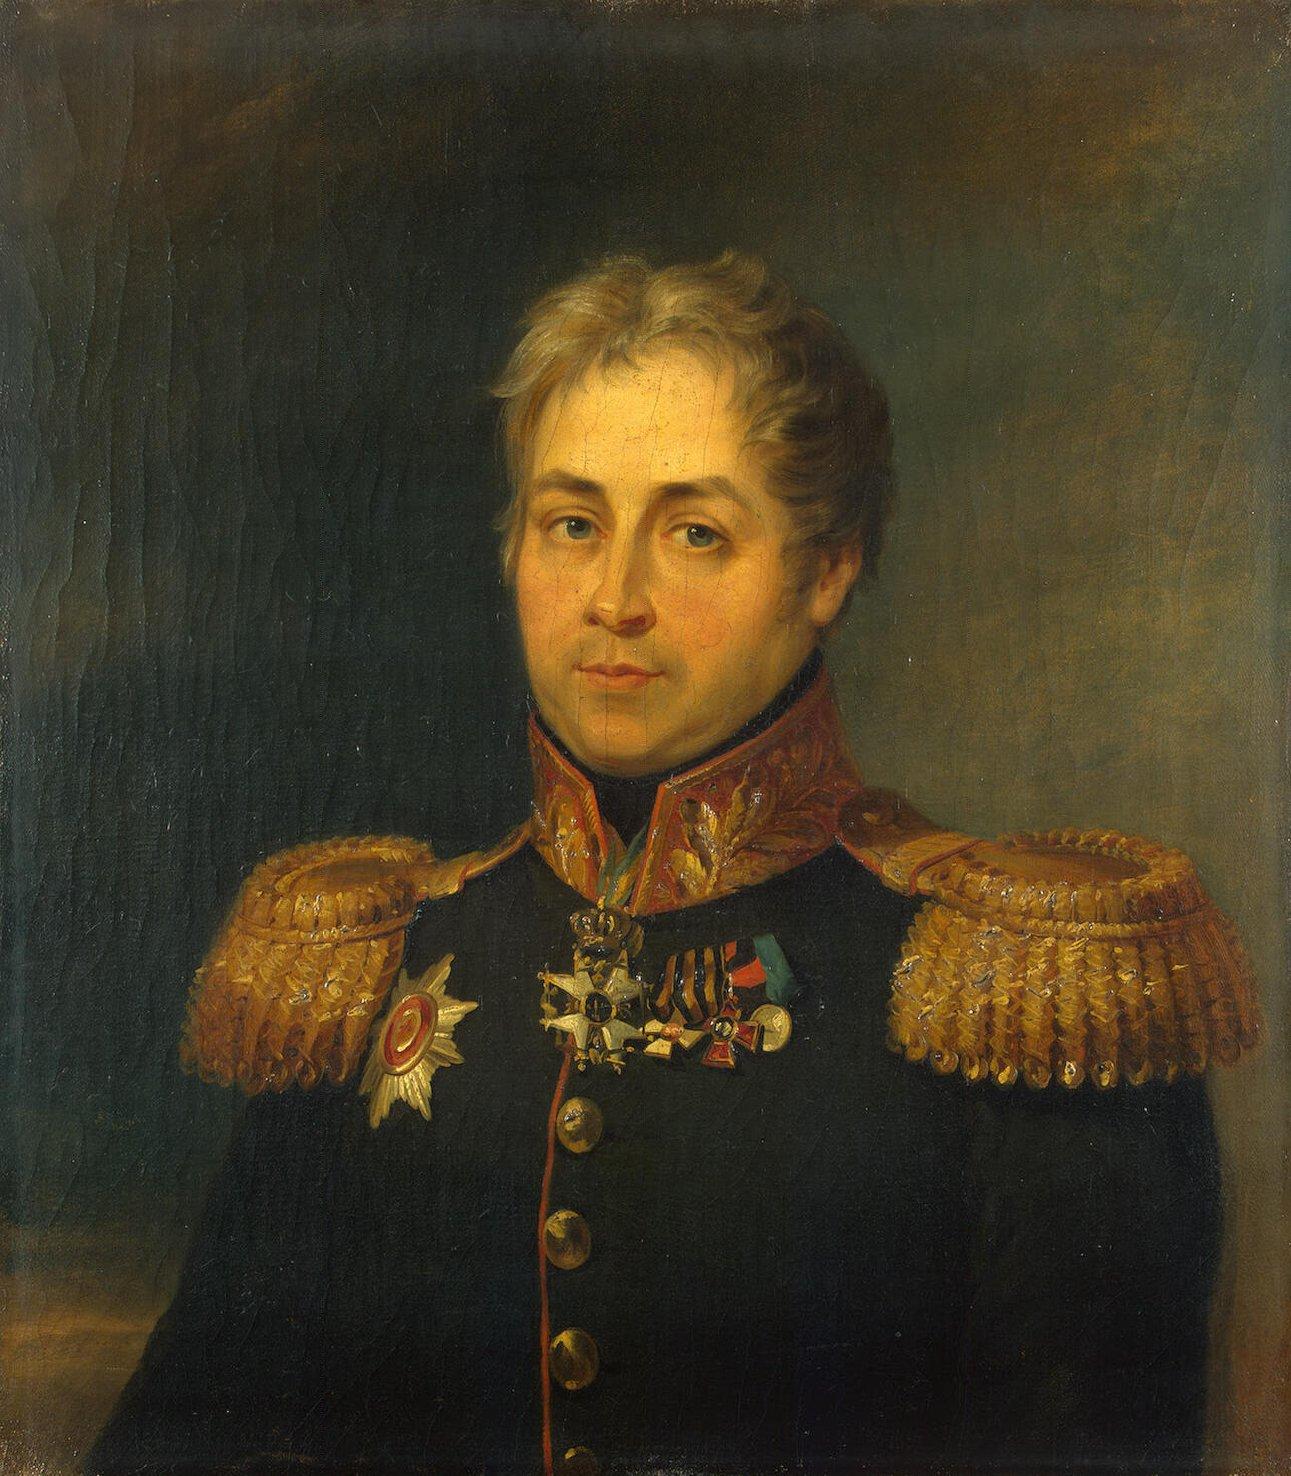 Соколовский, Иосиф Карлович